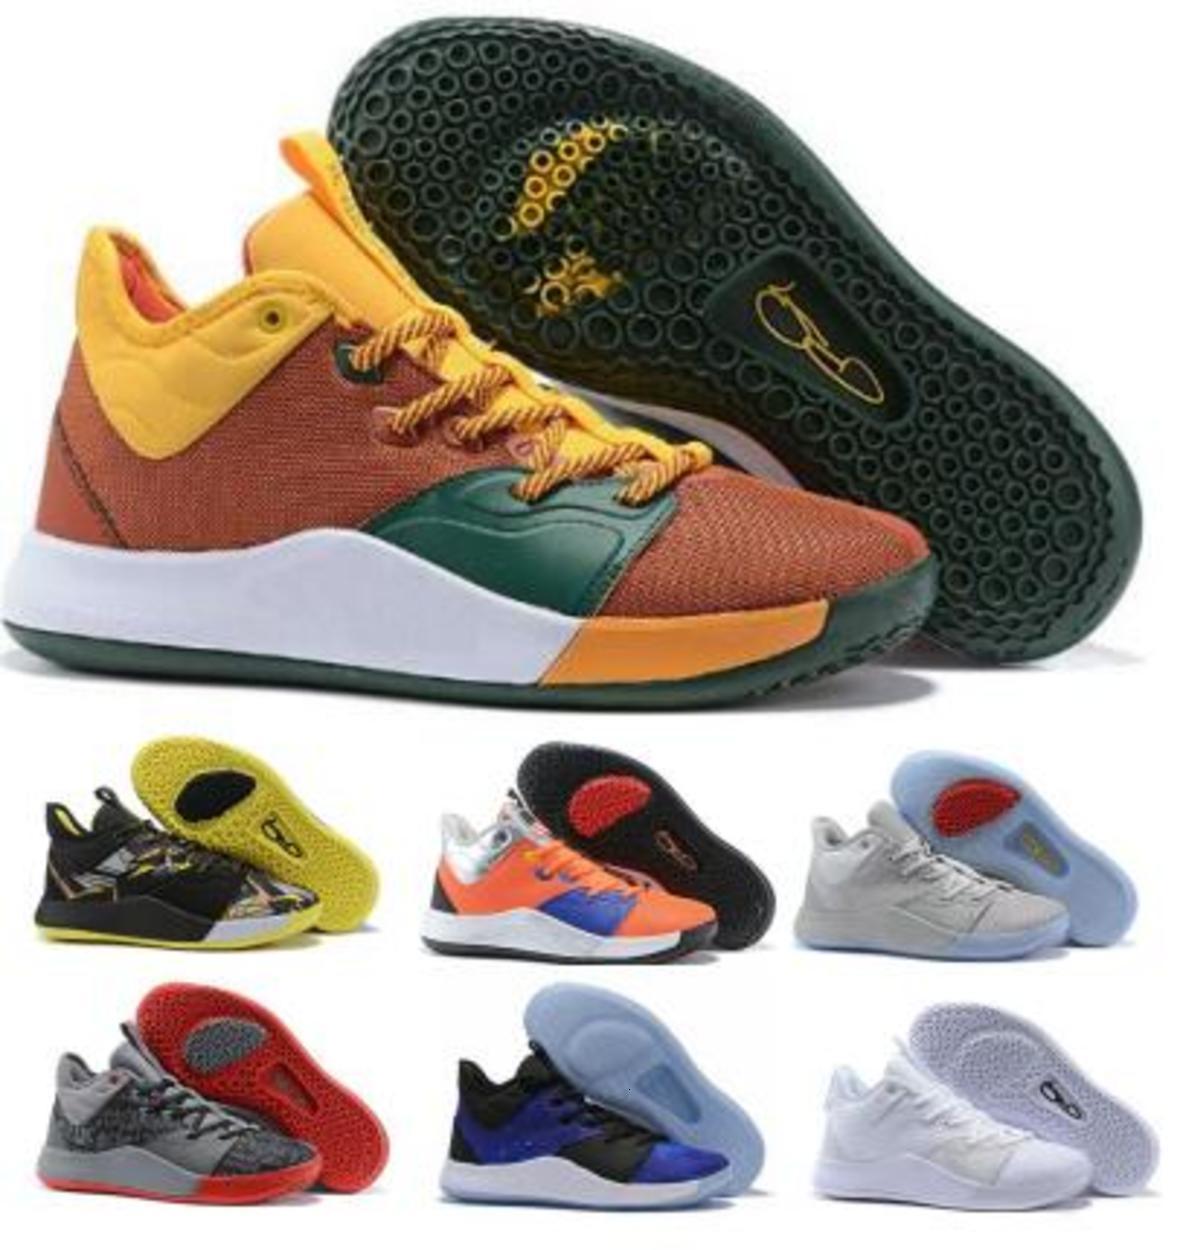 PG3 Pg 3 Erkek Basketbol Ayakkabı Sneakers Beyaz Paul George Nasa 3s Mamba Zihniyet BHM Moda 2020 Des Chaussures Eğitmenler Ayakkabı